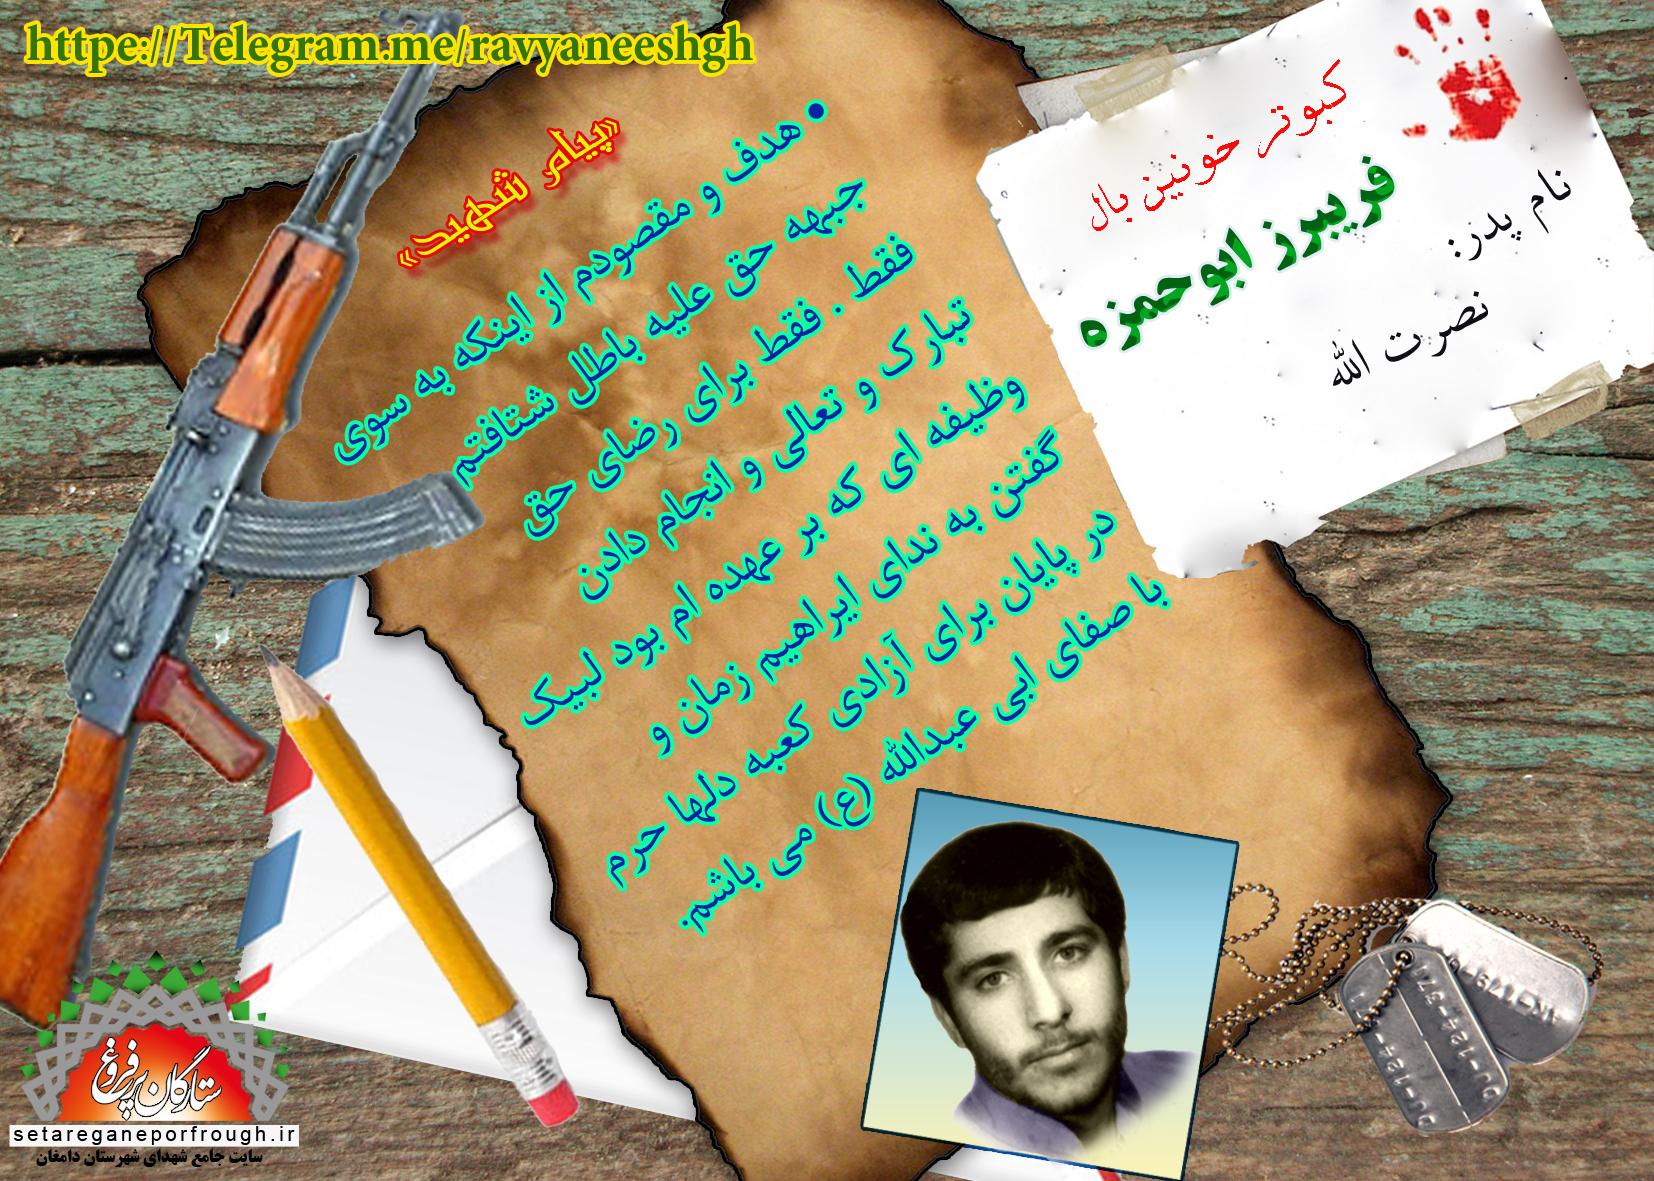 پیام شهید_گزیدهای از وصیتنامه شهید فریبرز ابوحمزه